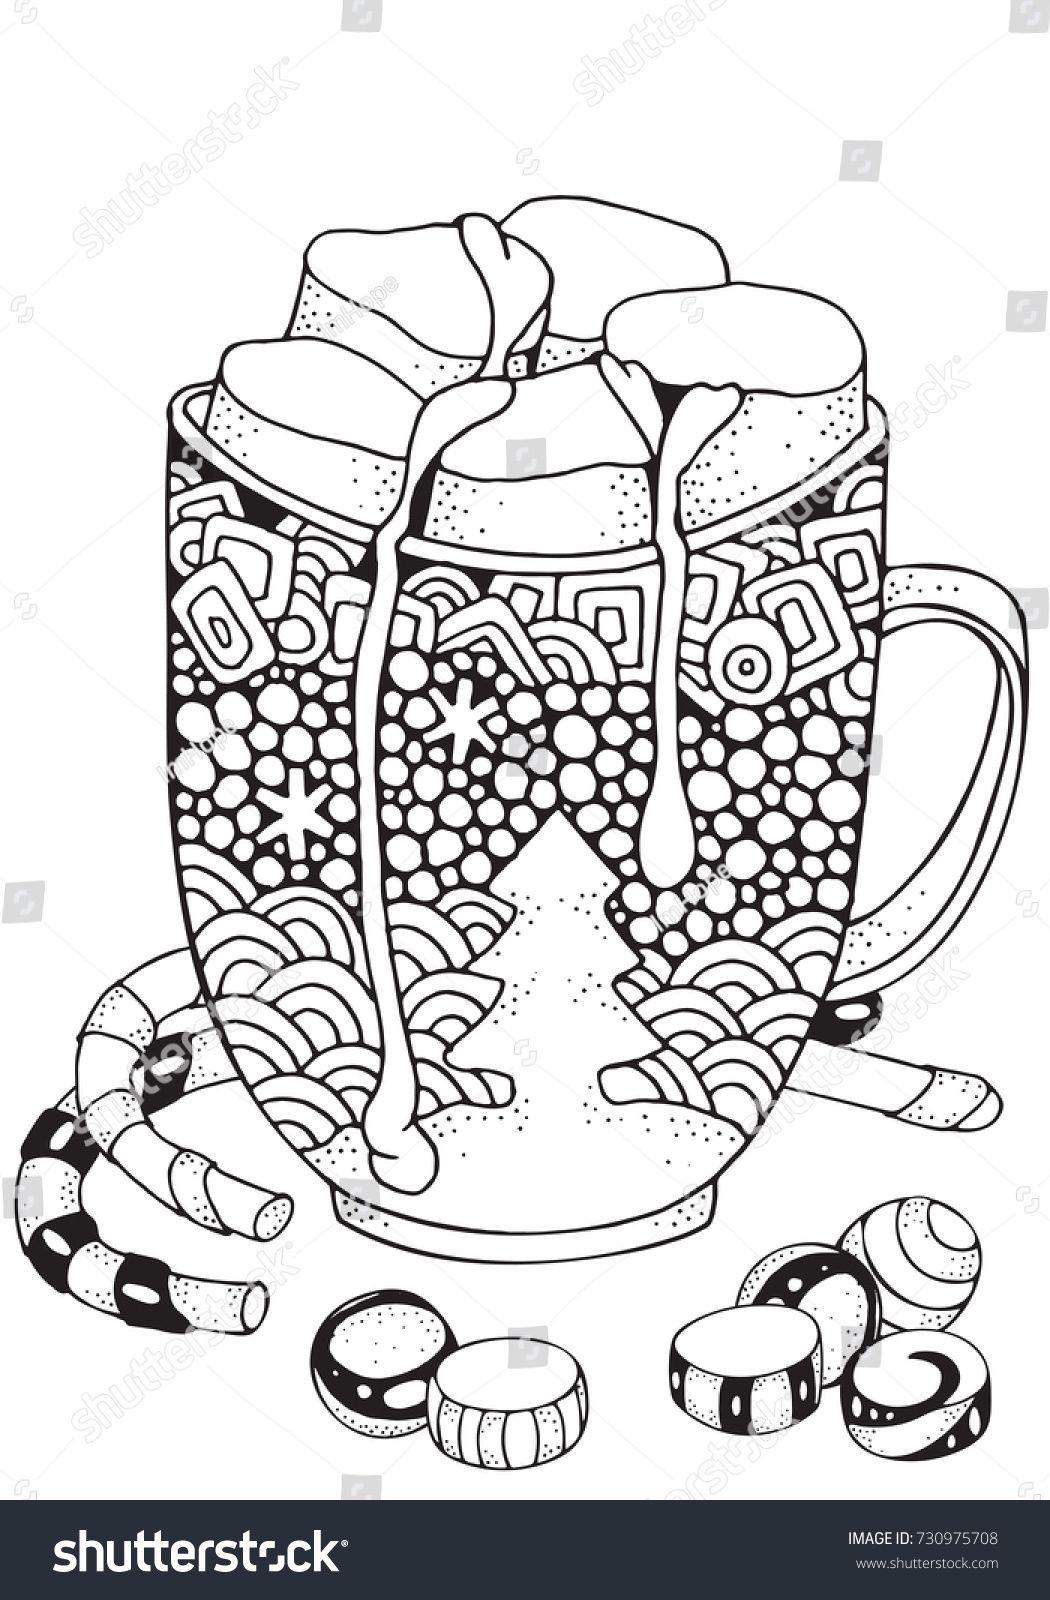 Christmas Mug With Hot Chocolate And Marshmallow Christmas